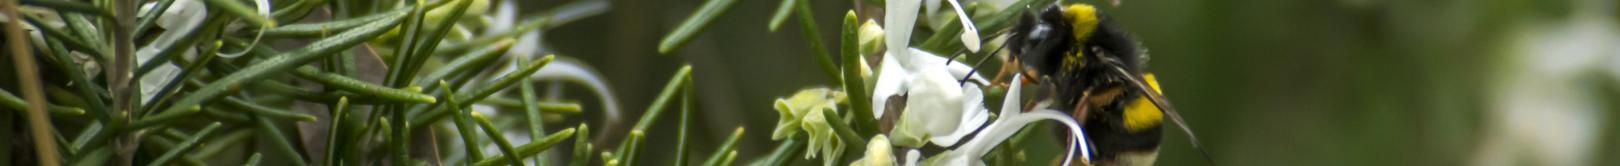 Bombo su fiori di rosmaino (foto di Cristian Mascia)